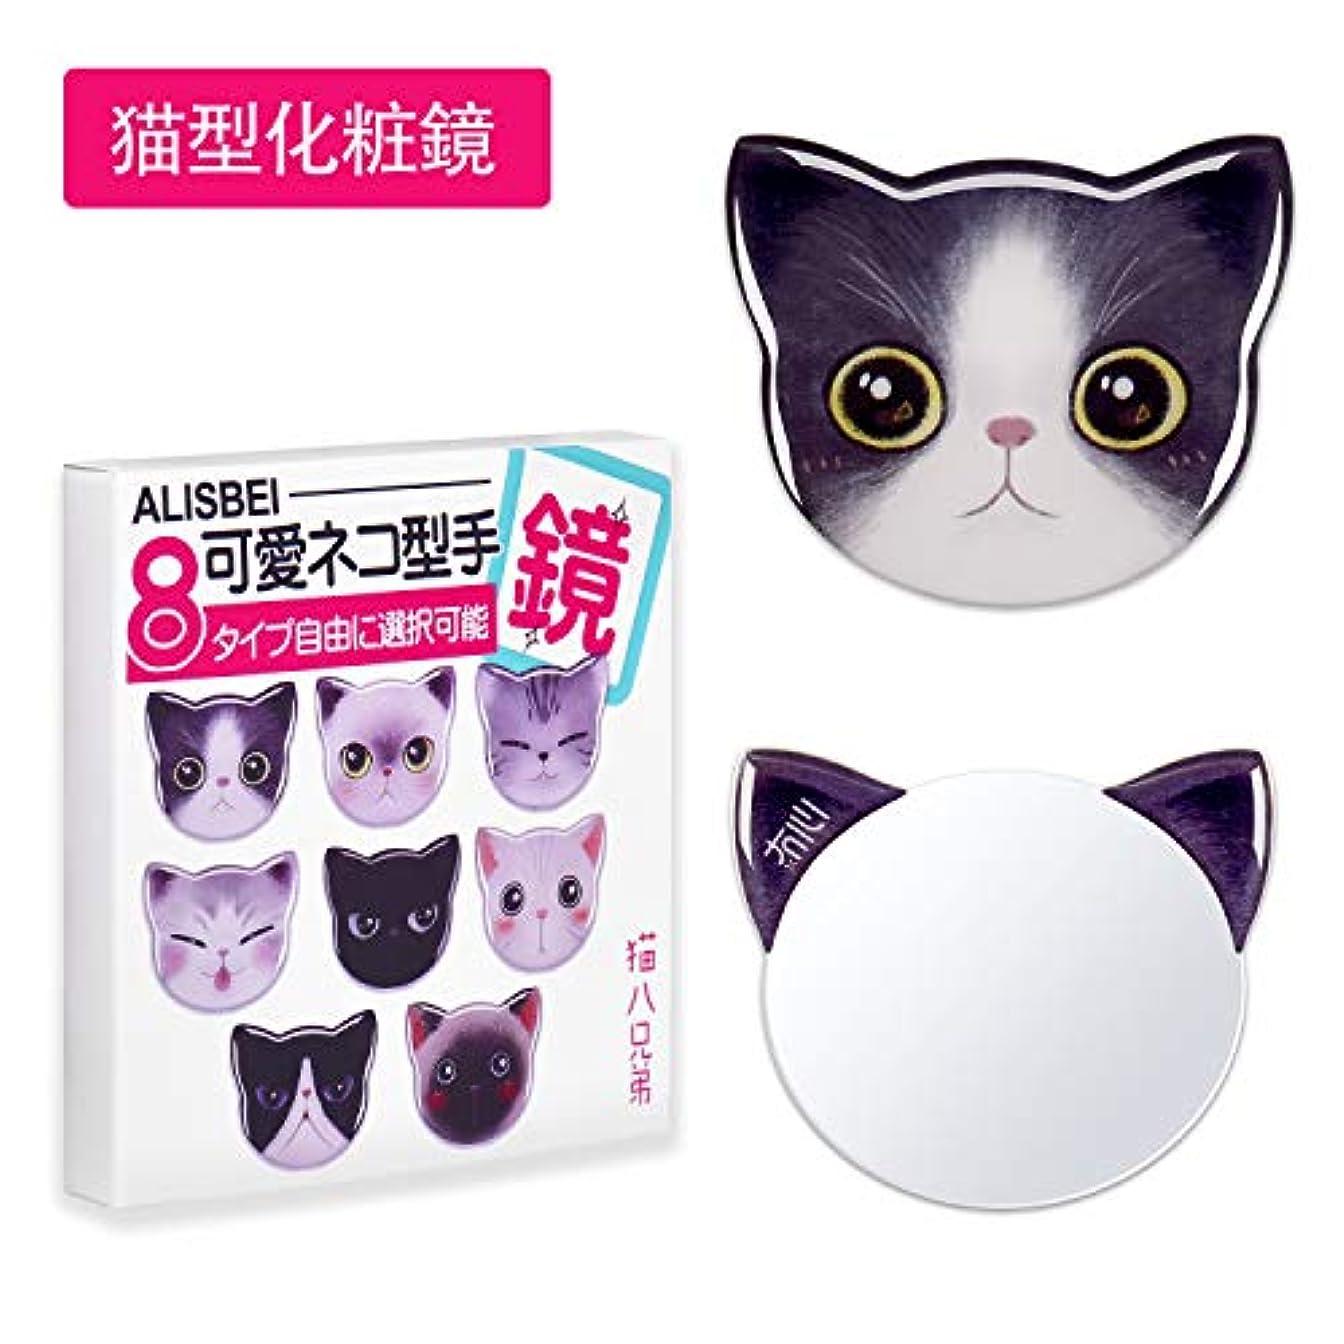 満了厳しい土器携帯ミラー 手鏡 コンパクト 猫柄 8パタン 収納袋付き 割れない 鏡 おしゃれ コンパクトミラー ハンドミラー かわいい (ハナ)